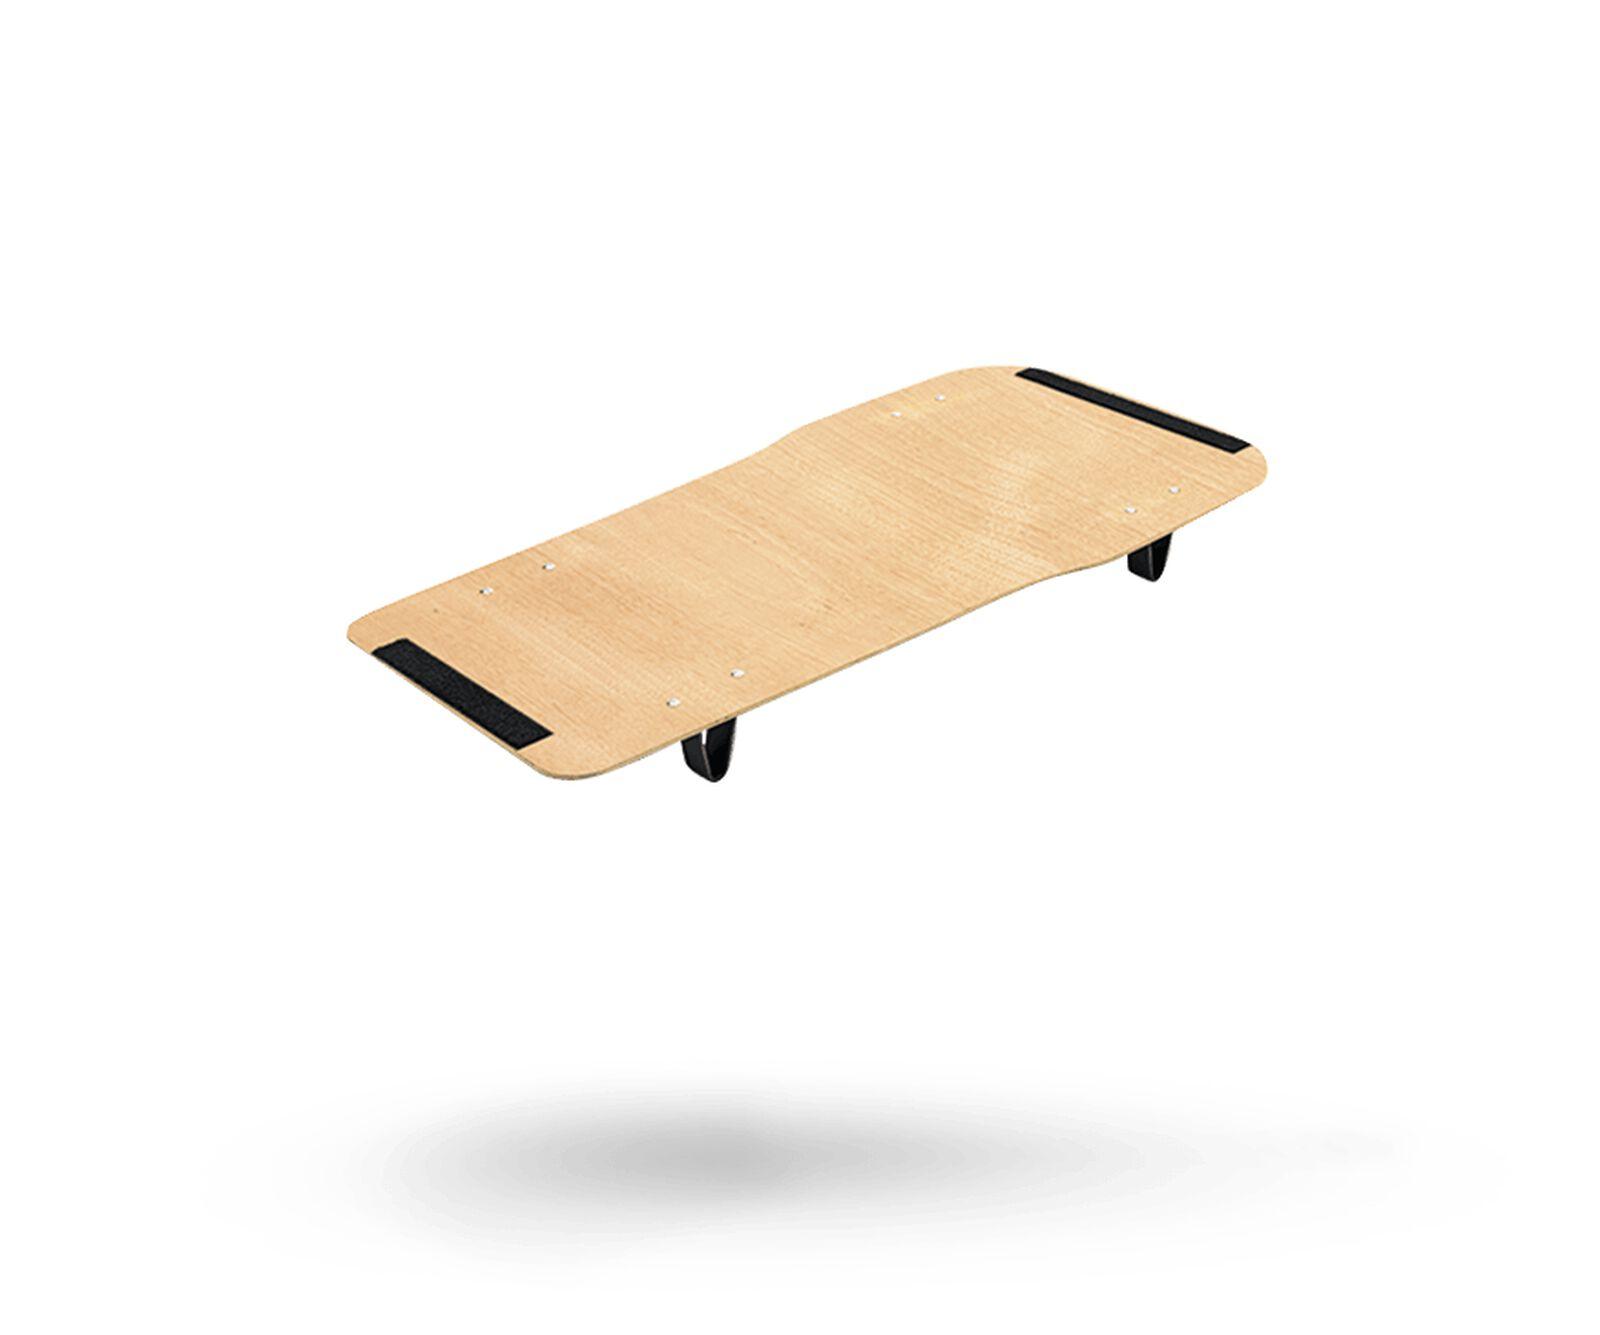 Bugaboo Buffalo carrycot wooden board